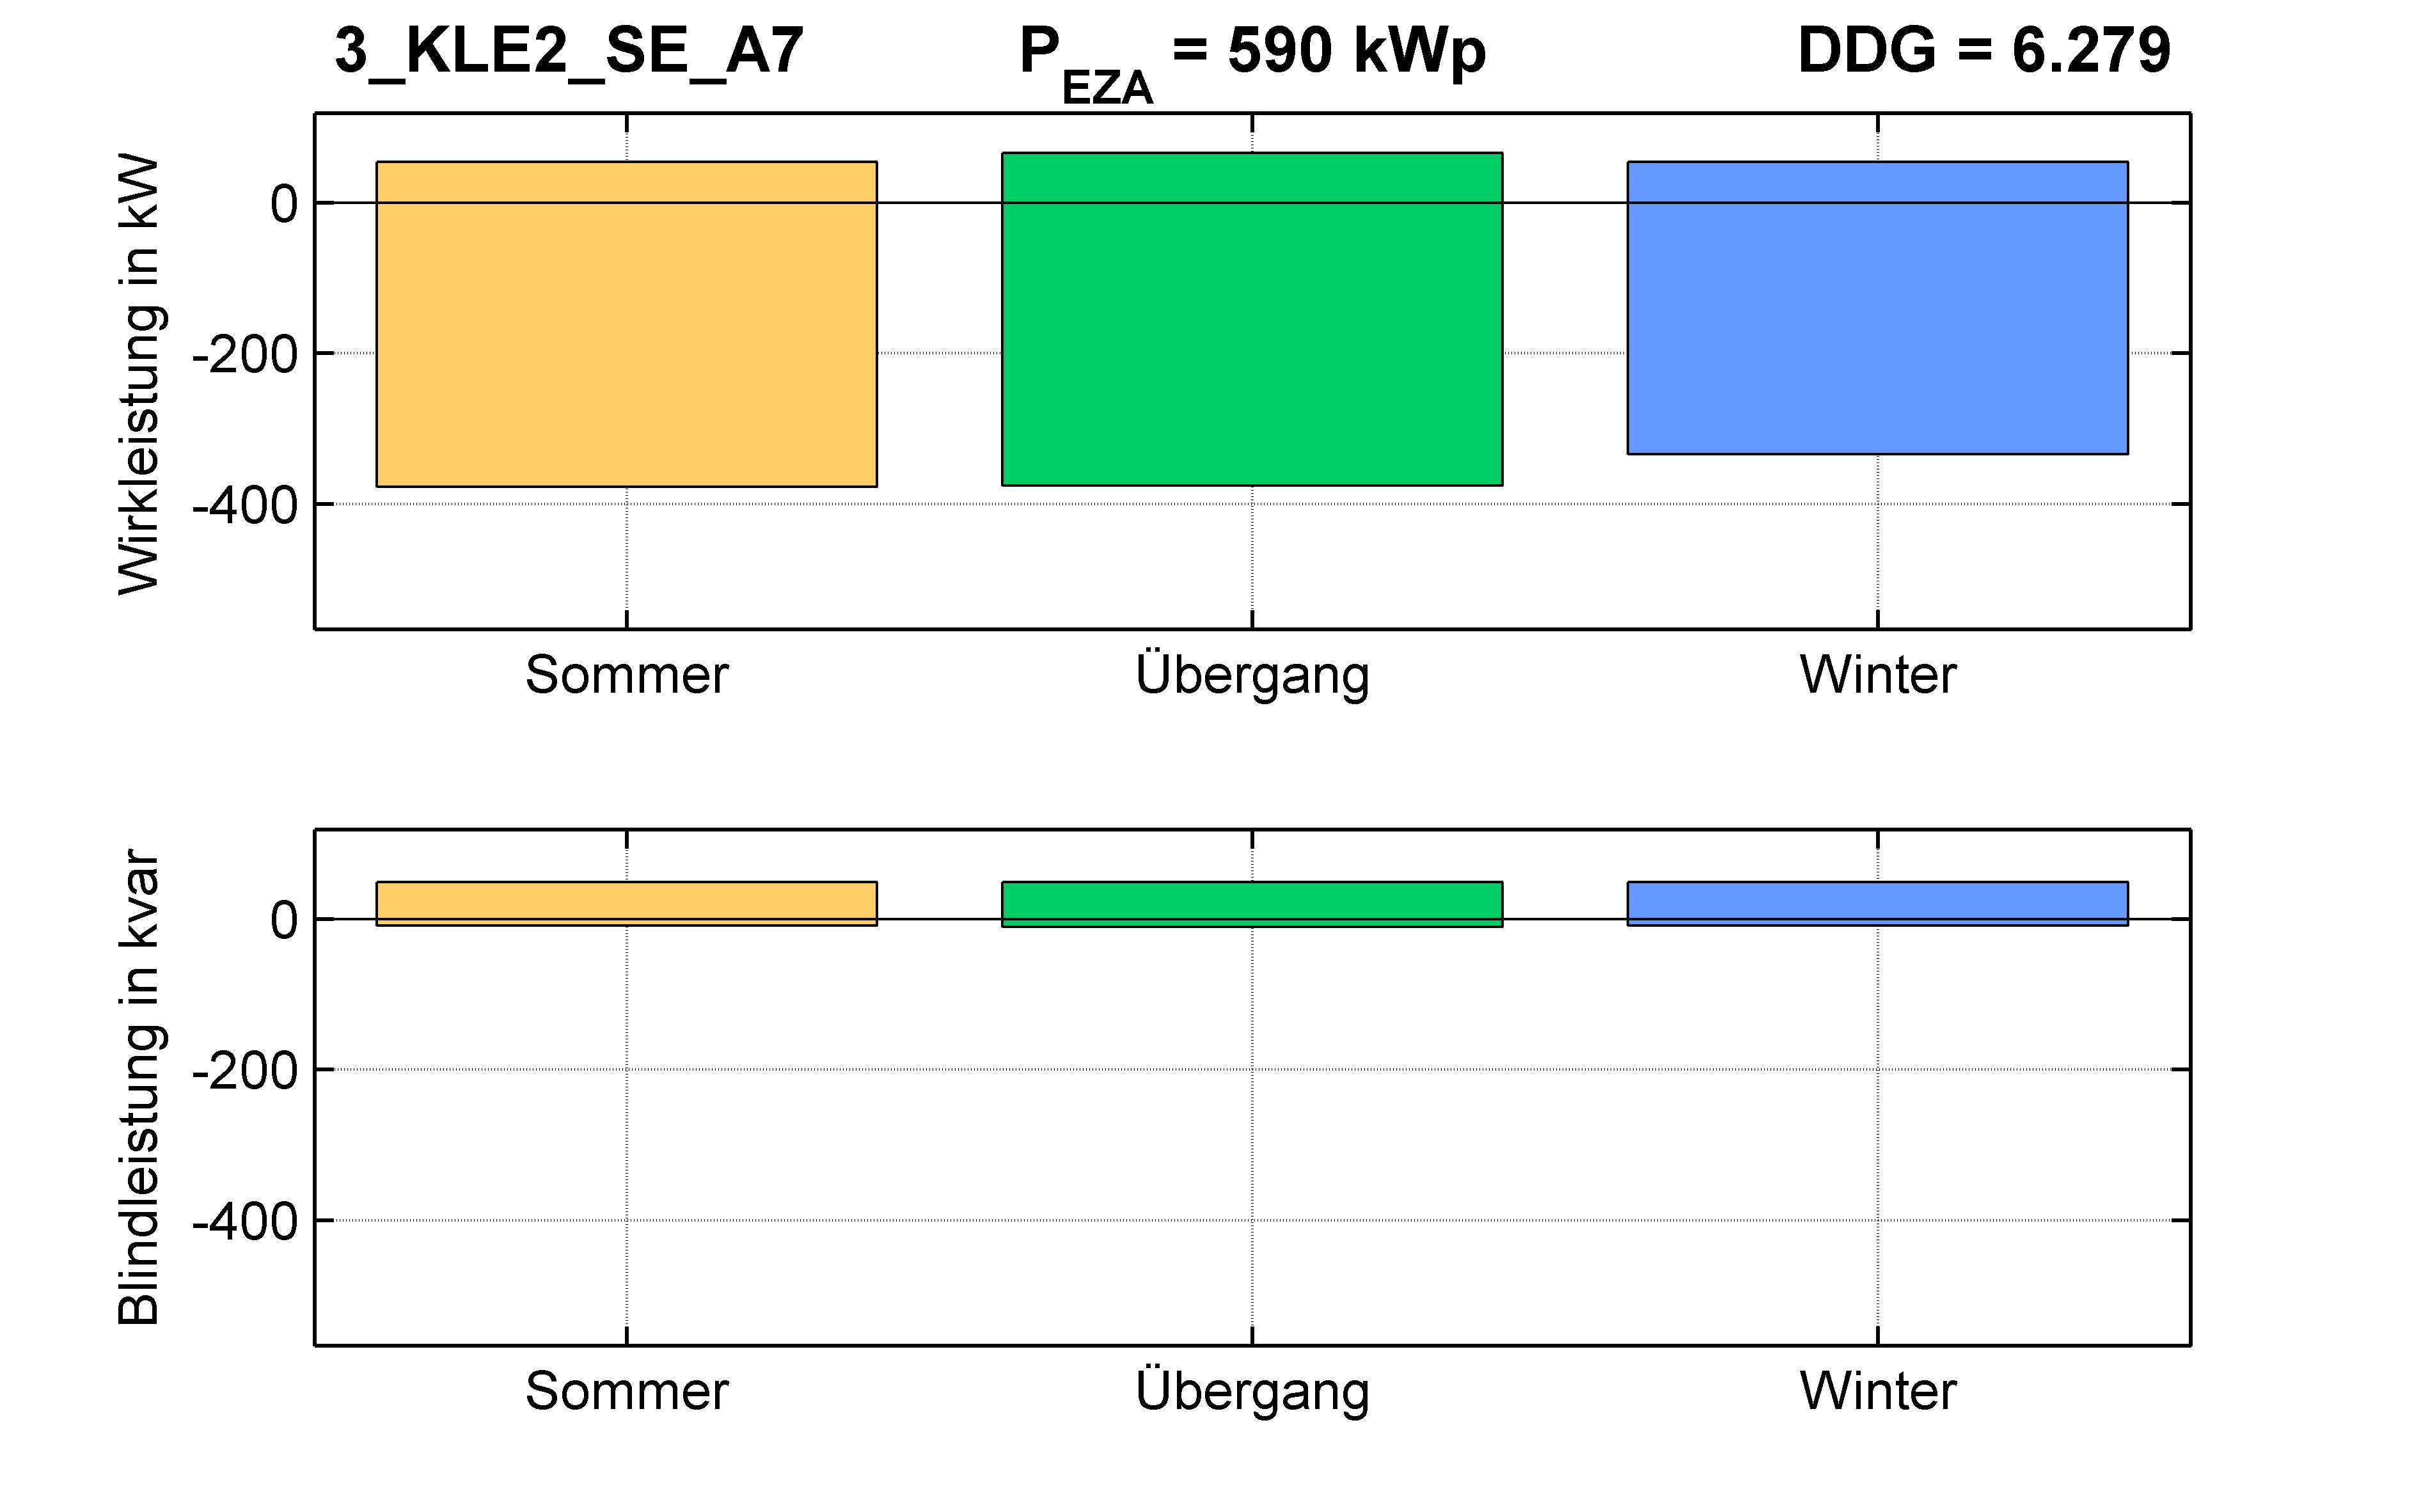 KLE2 | P-Kappung 70% (SE) A7 | PQ-Bilanz